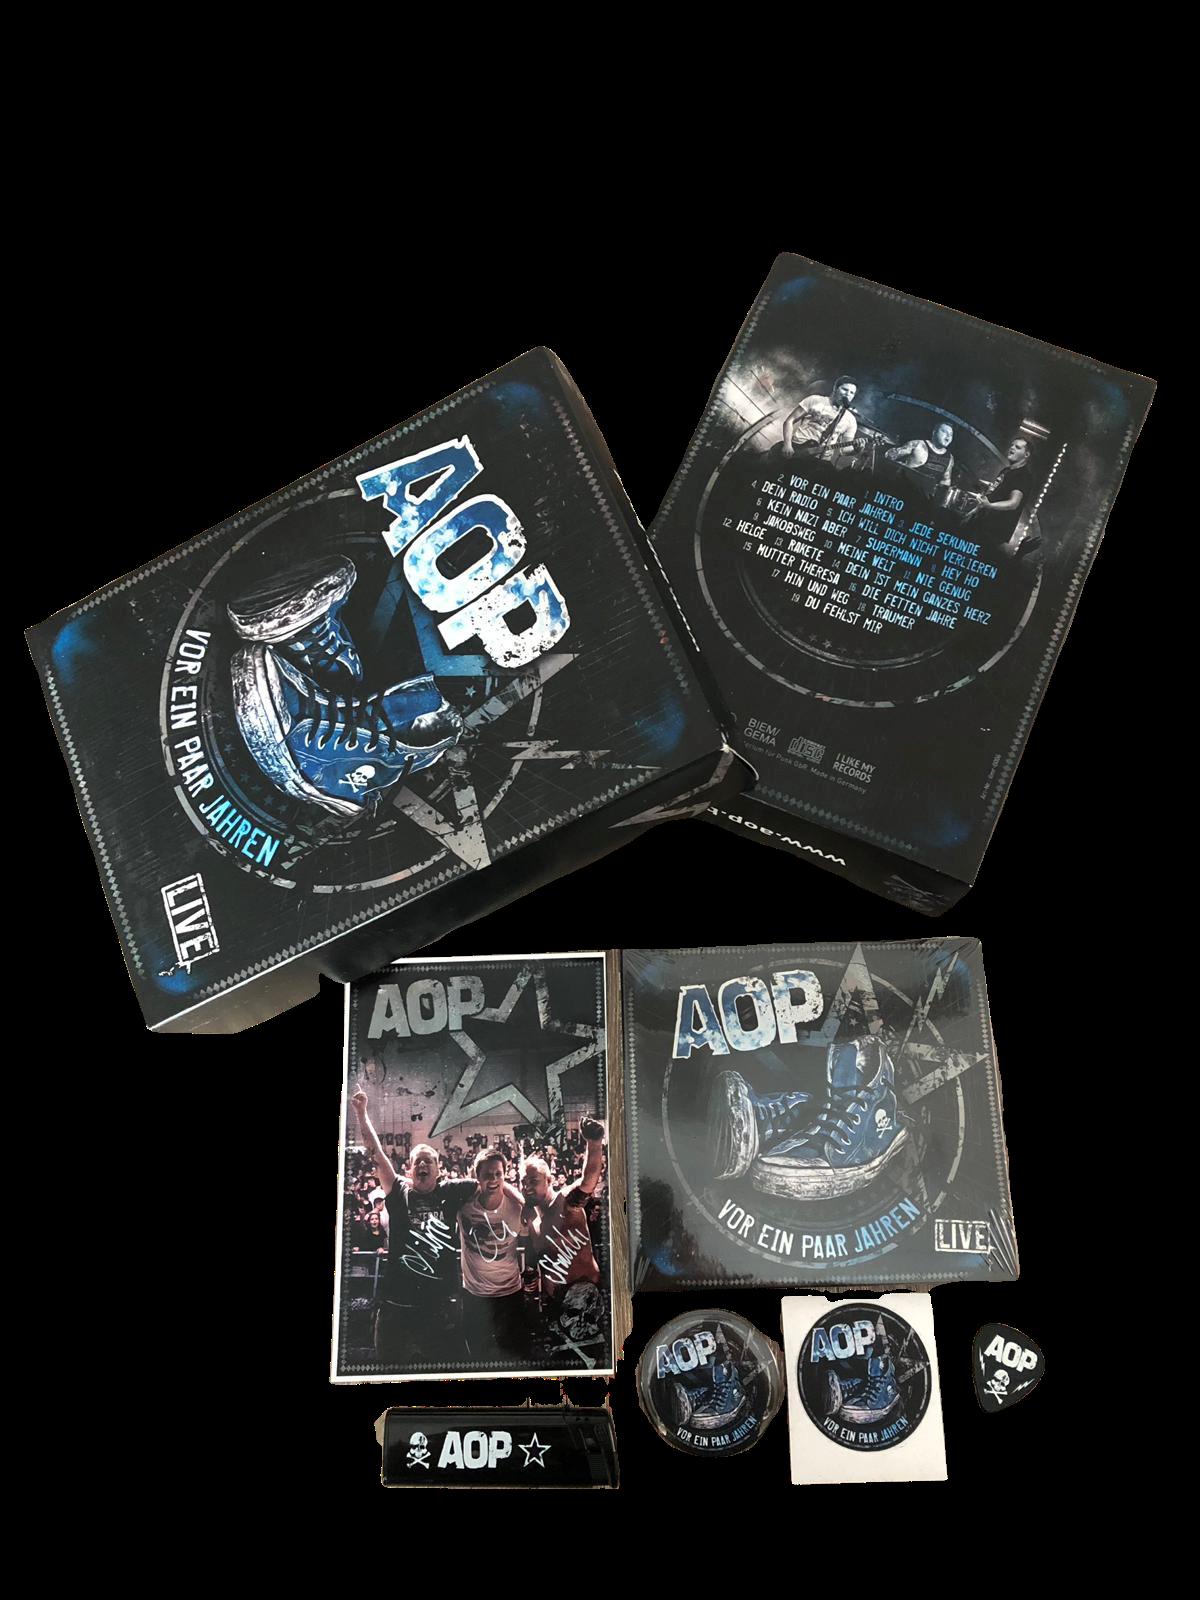 AOP – Vor ein paar Jahren – Livealbum – Deluxe Box